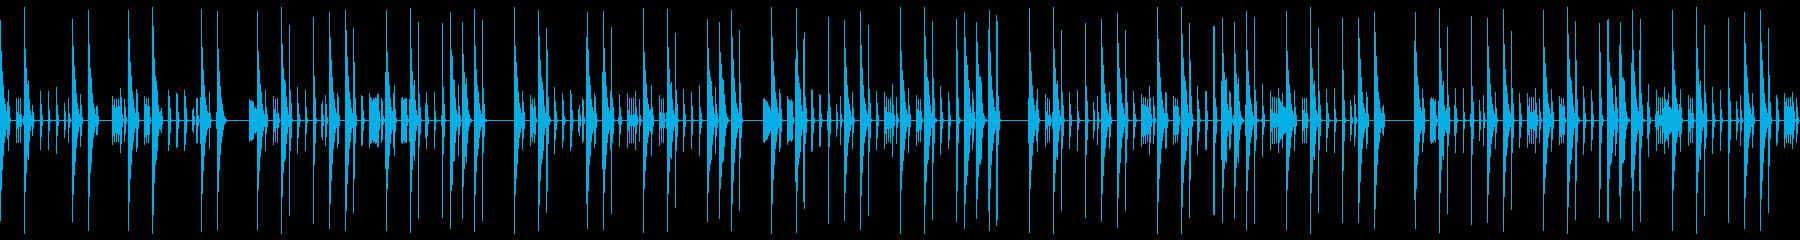 クラブテイストの無機質なドラムループの再生済みの波形